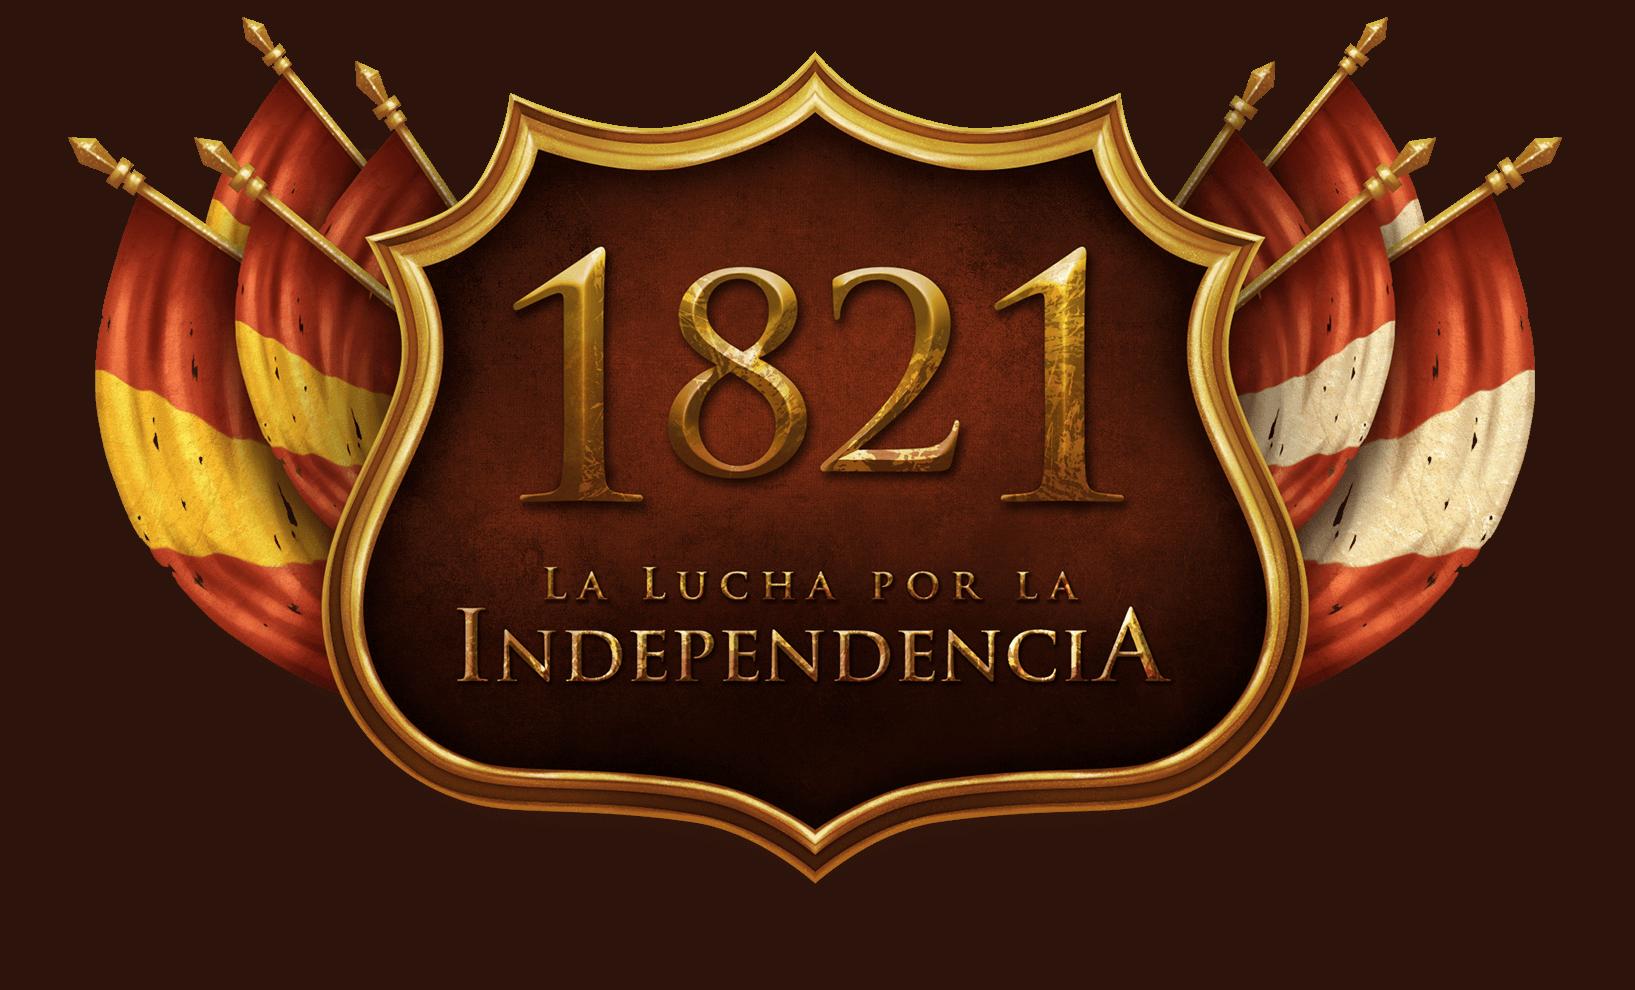 1821 La lucha por la Indepencia.